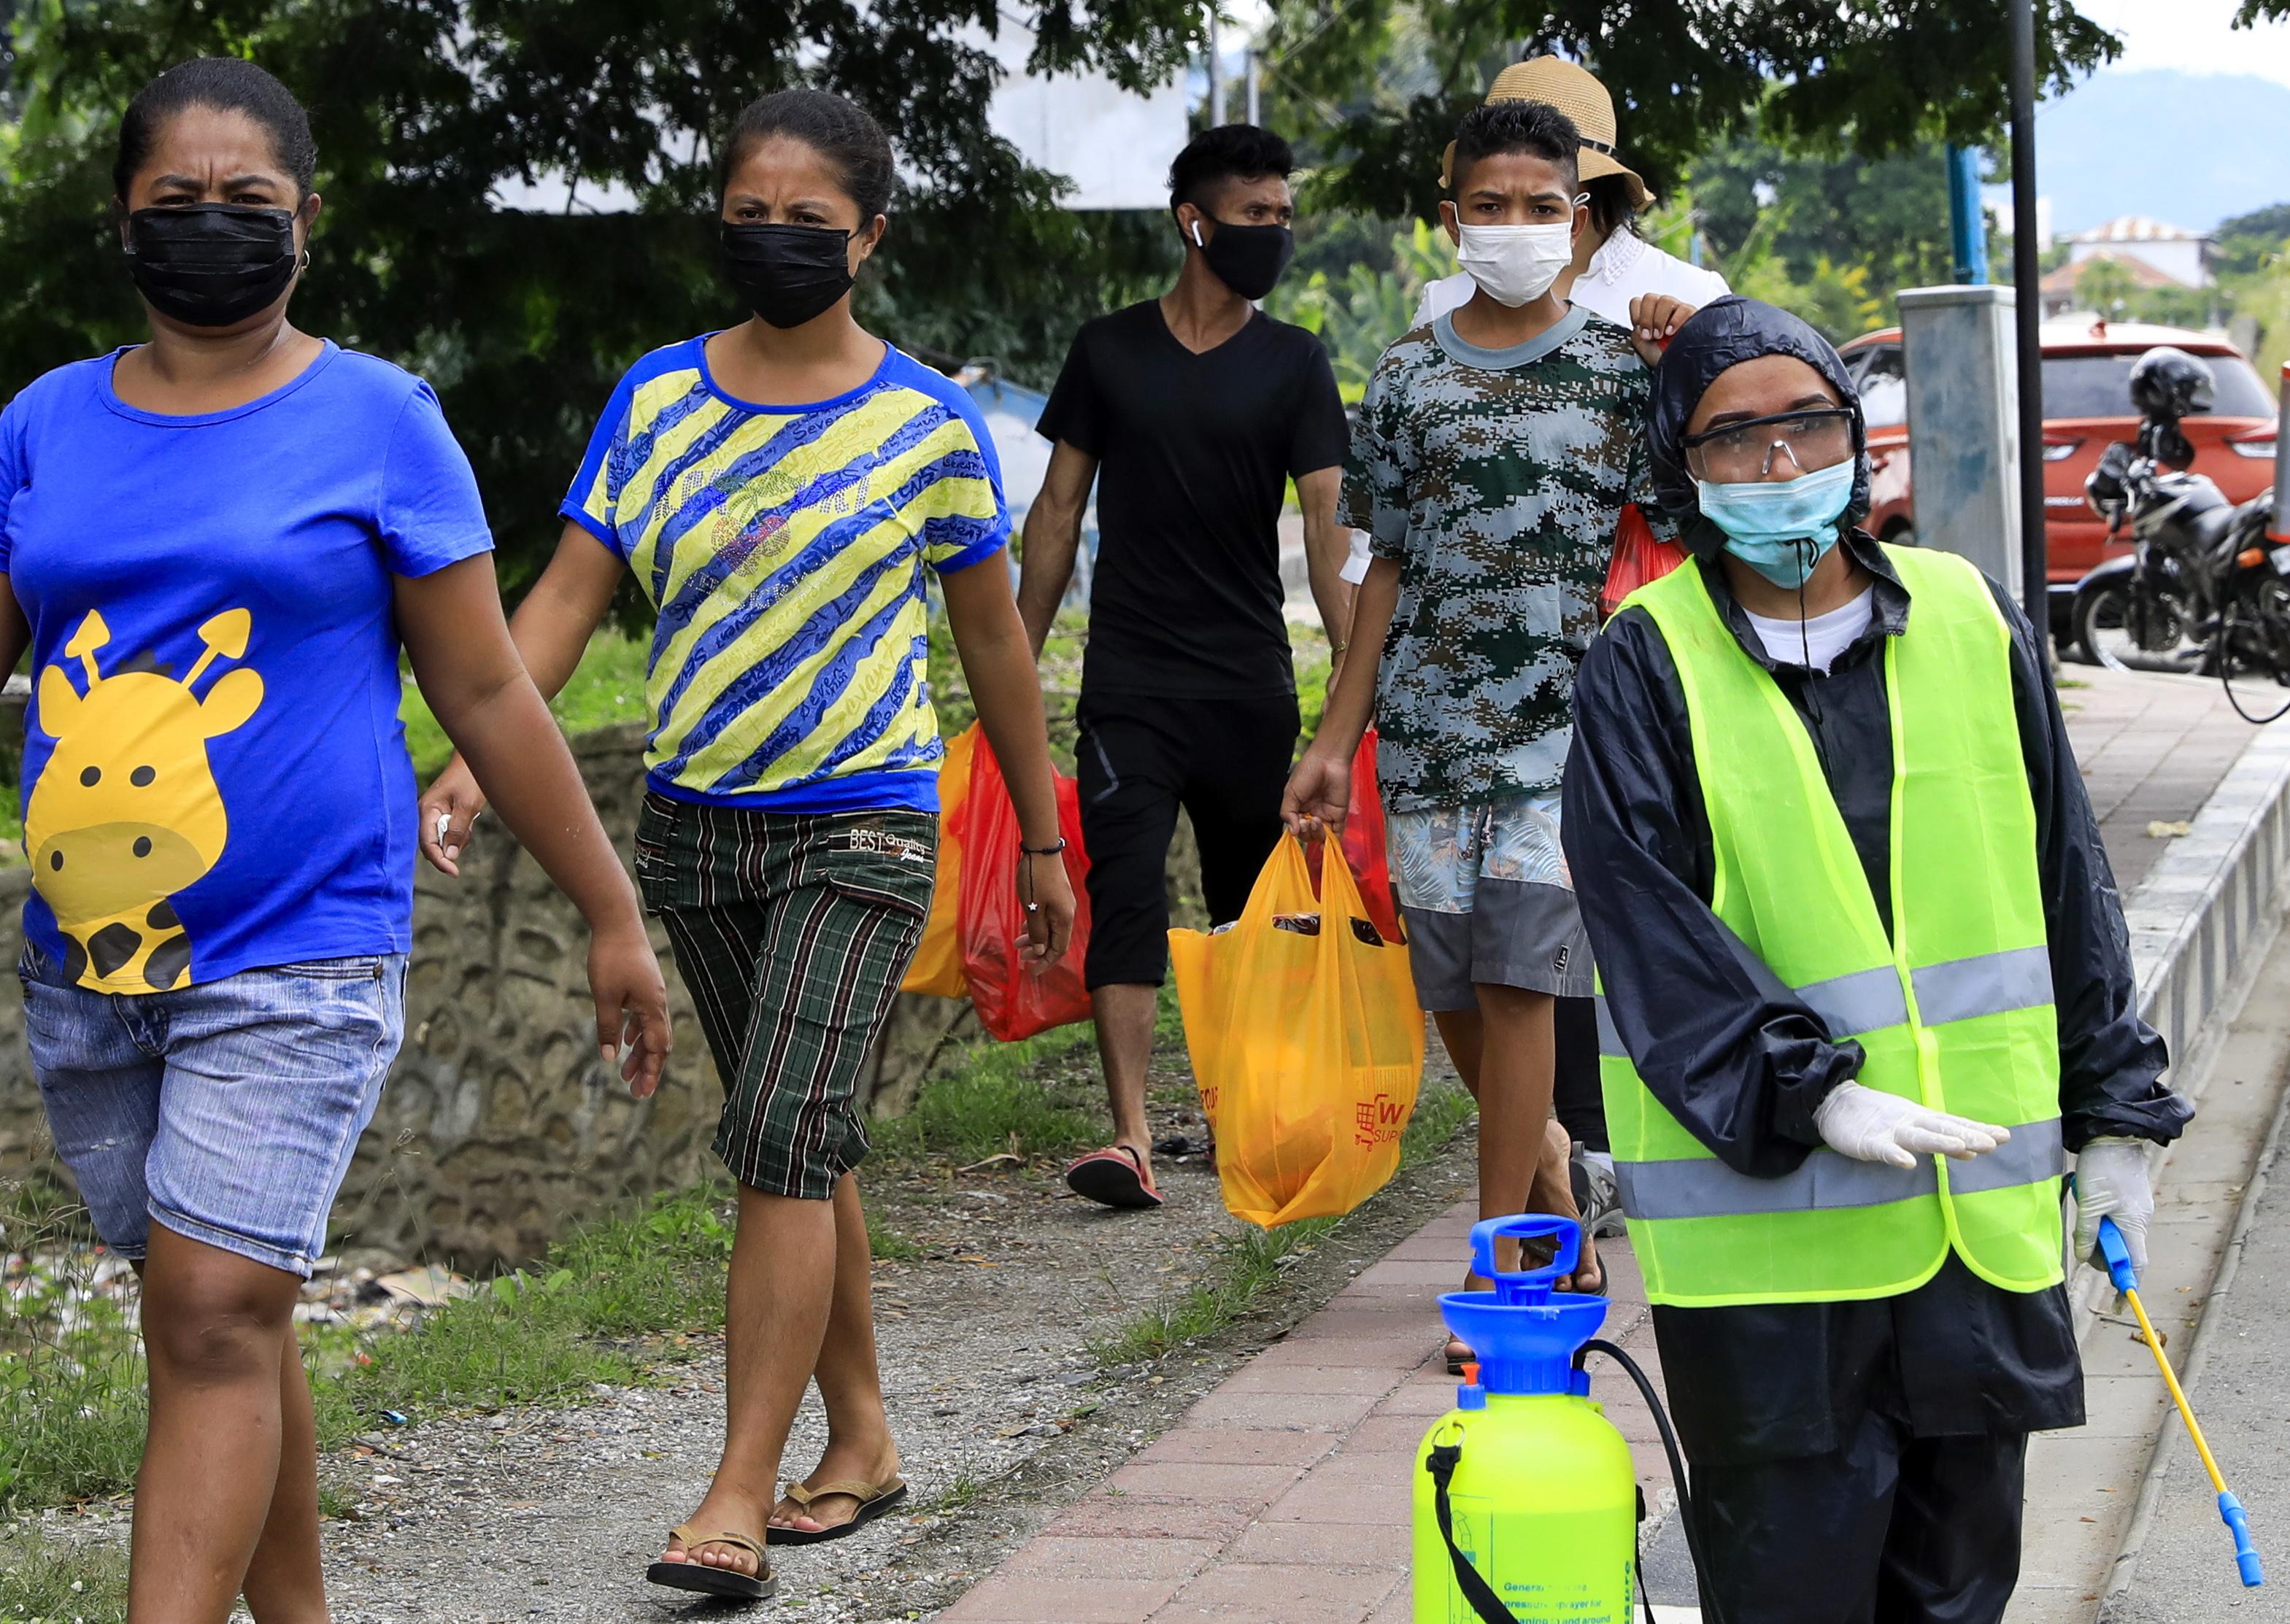 Mais de 1.100 pessoas em quarentena em Timor-Leste, sem novos casos suspeitos